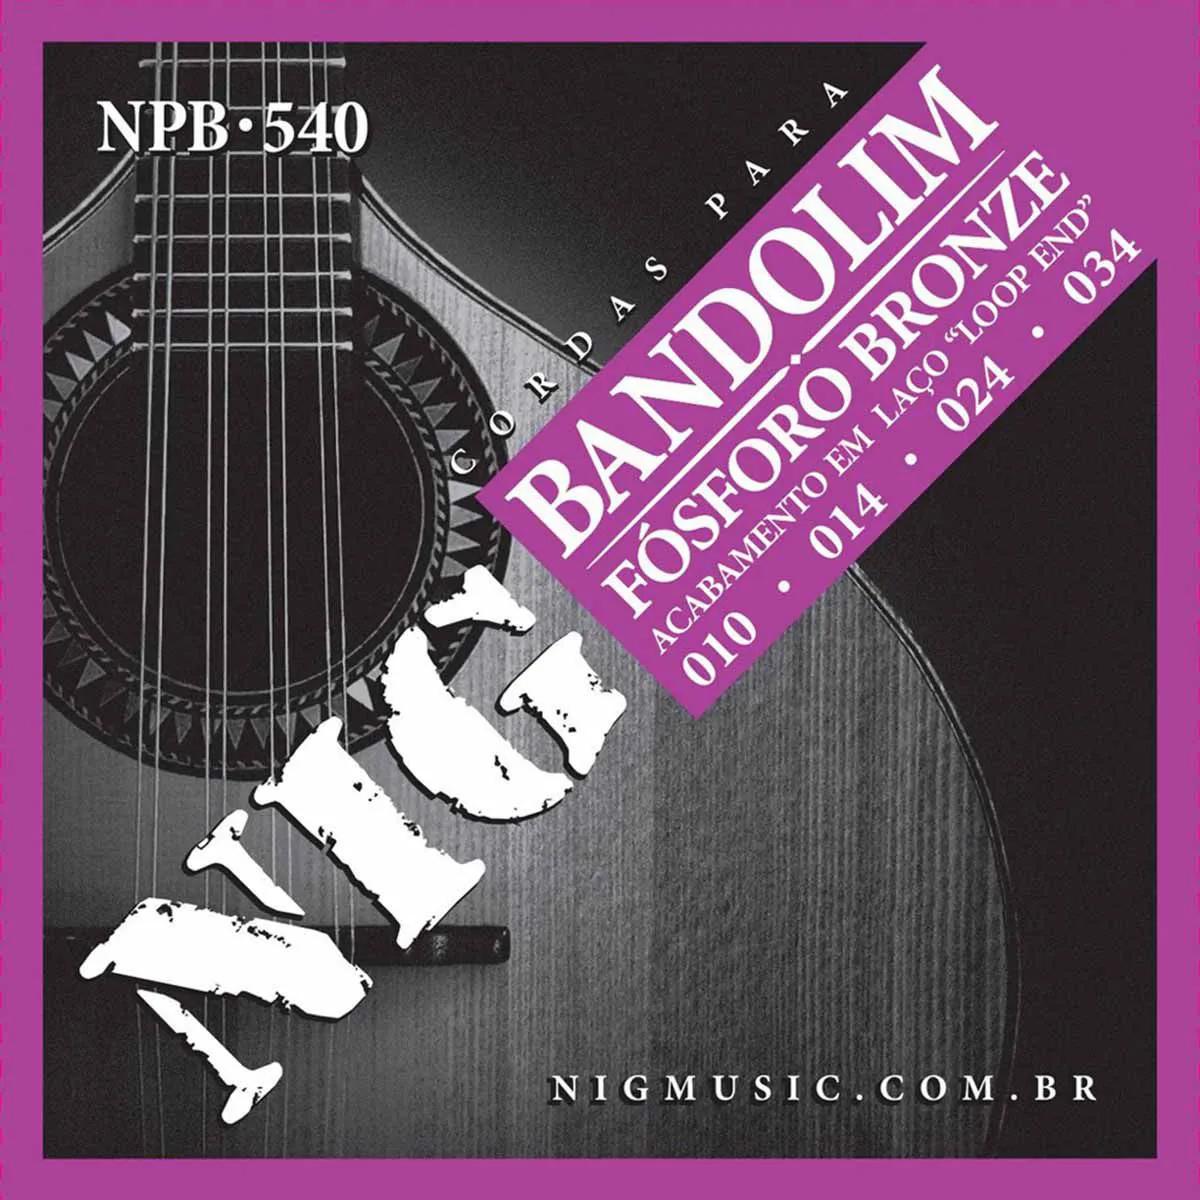 Encordoamento Nig Série NPB540 010/034 para Bandolim